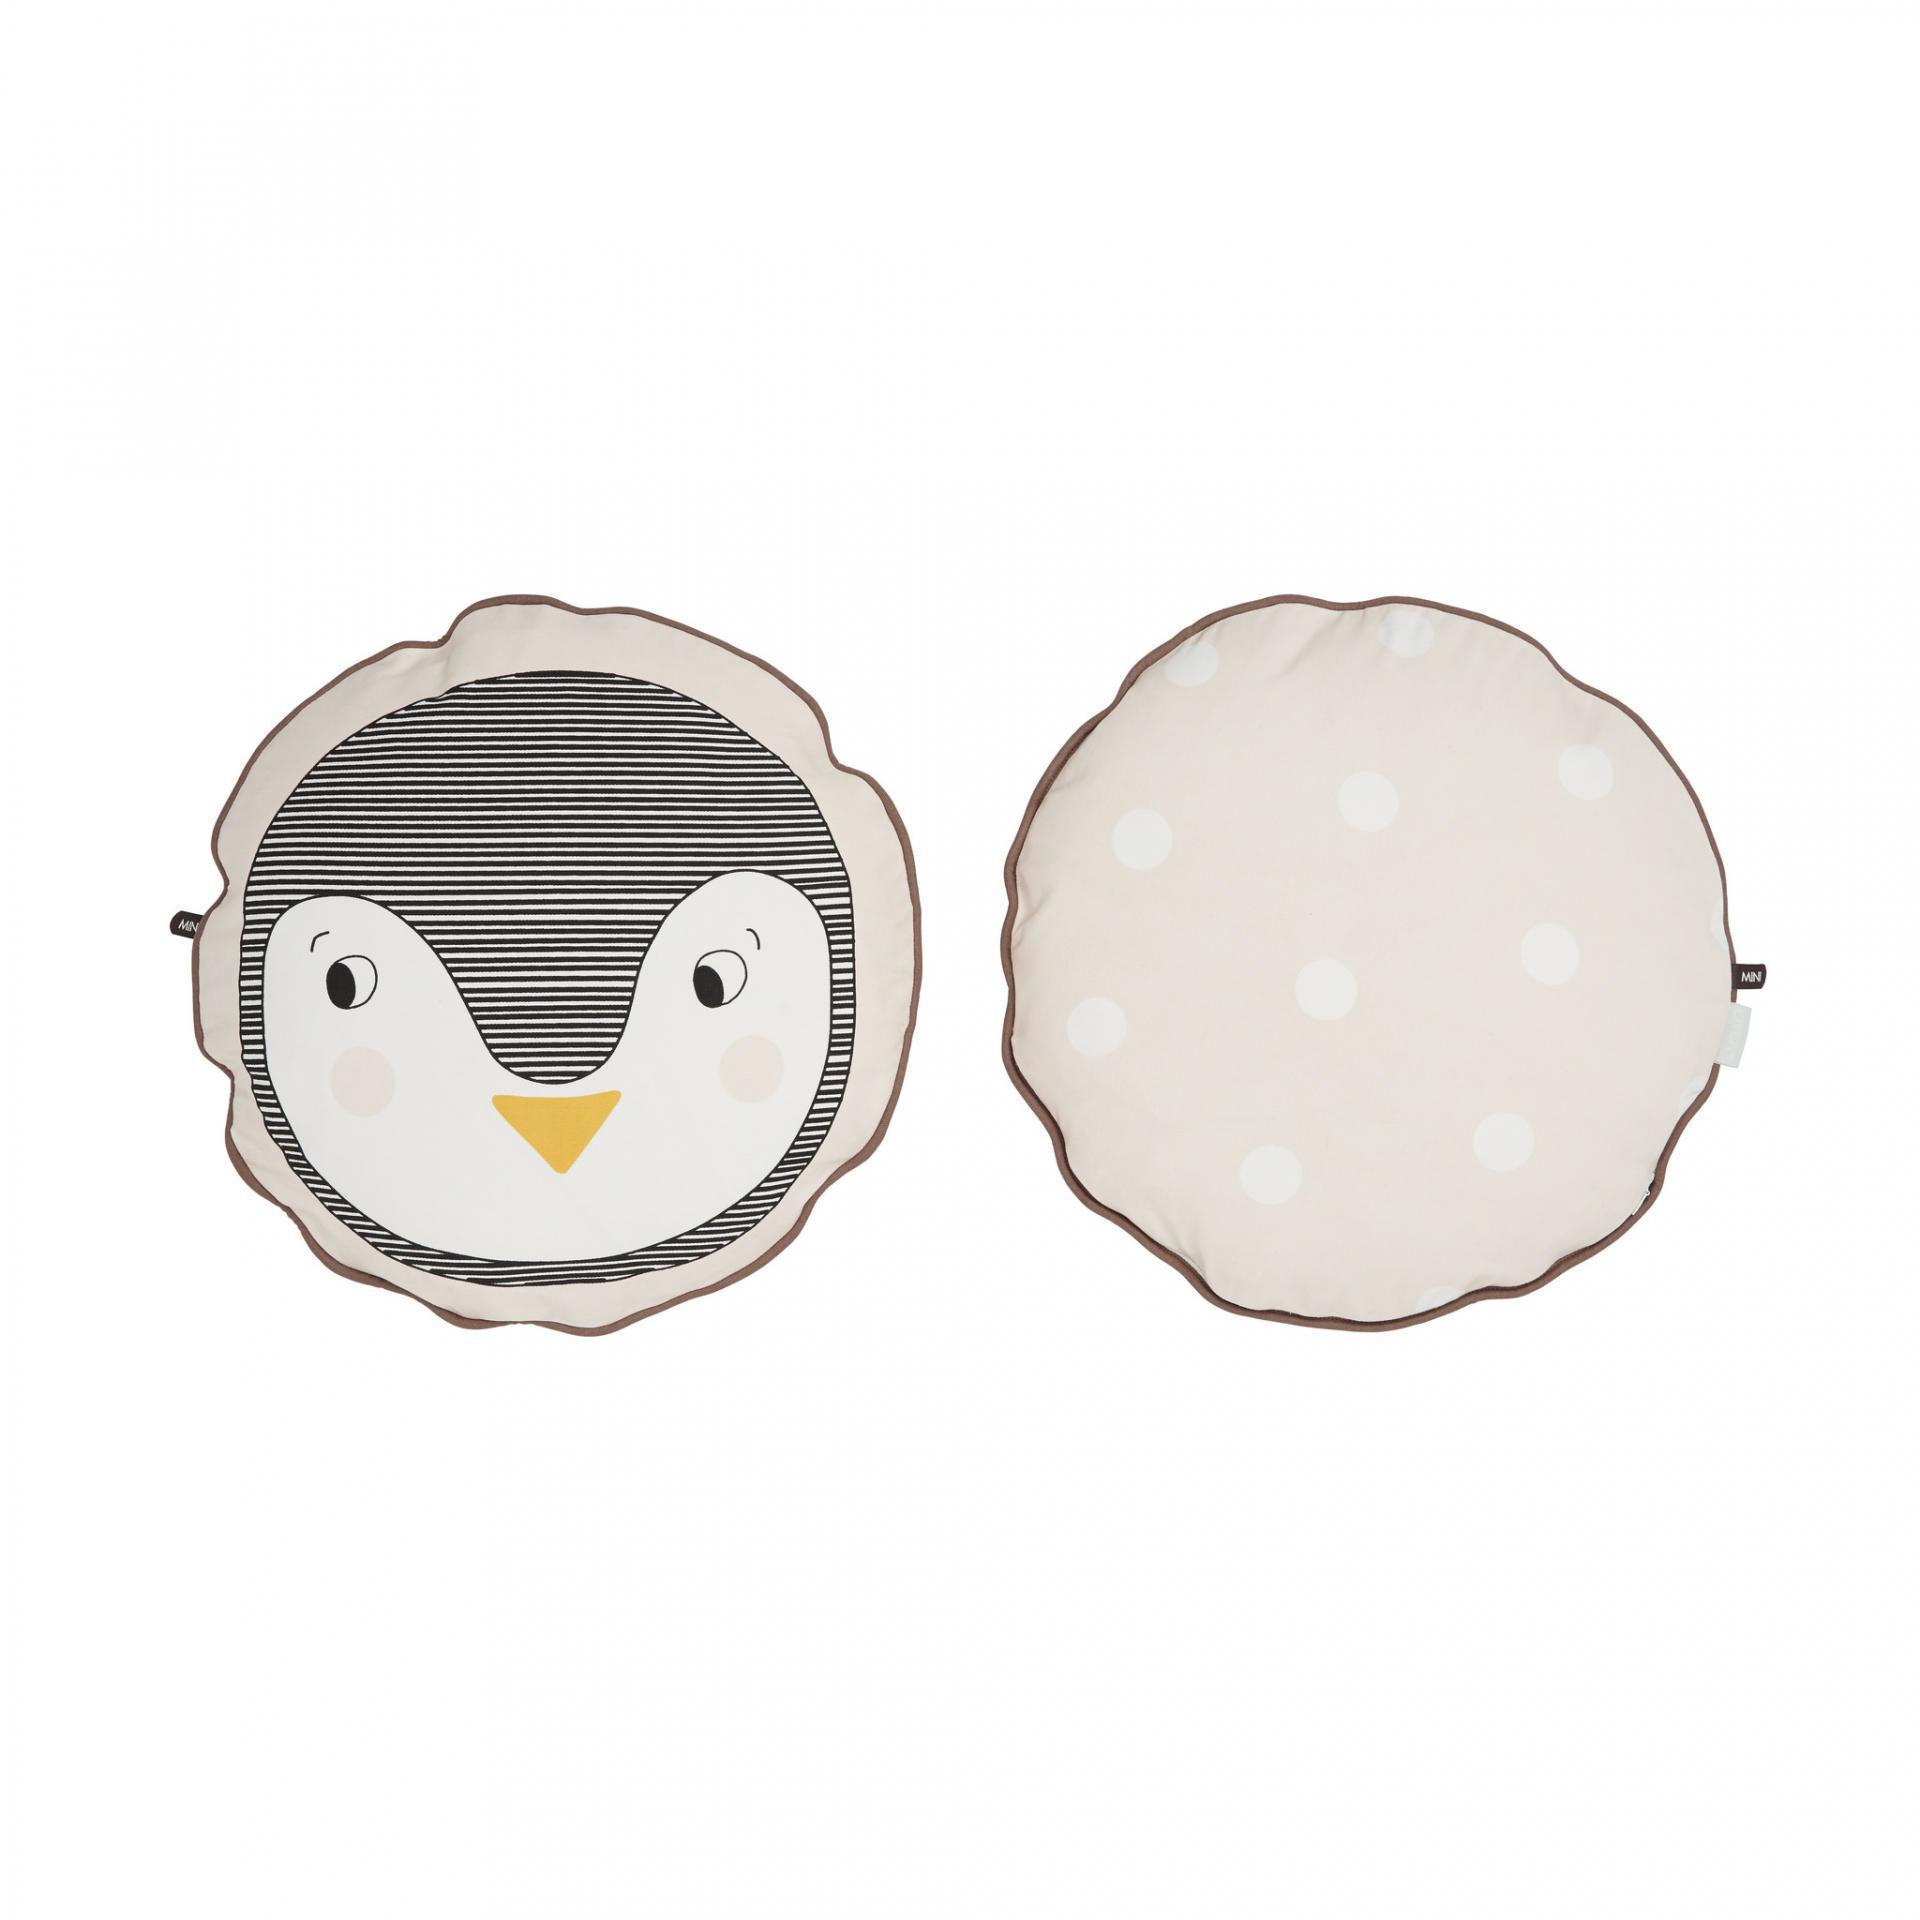 OYOY Kulatý polštářek Penguin, béžová barva, textil